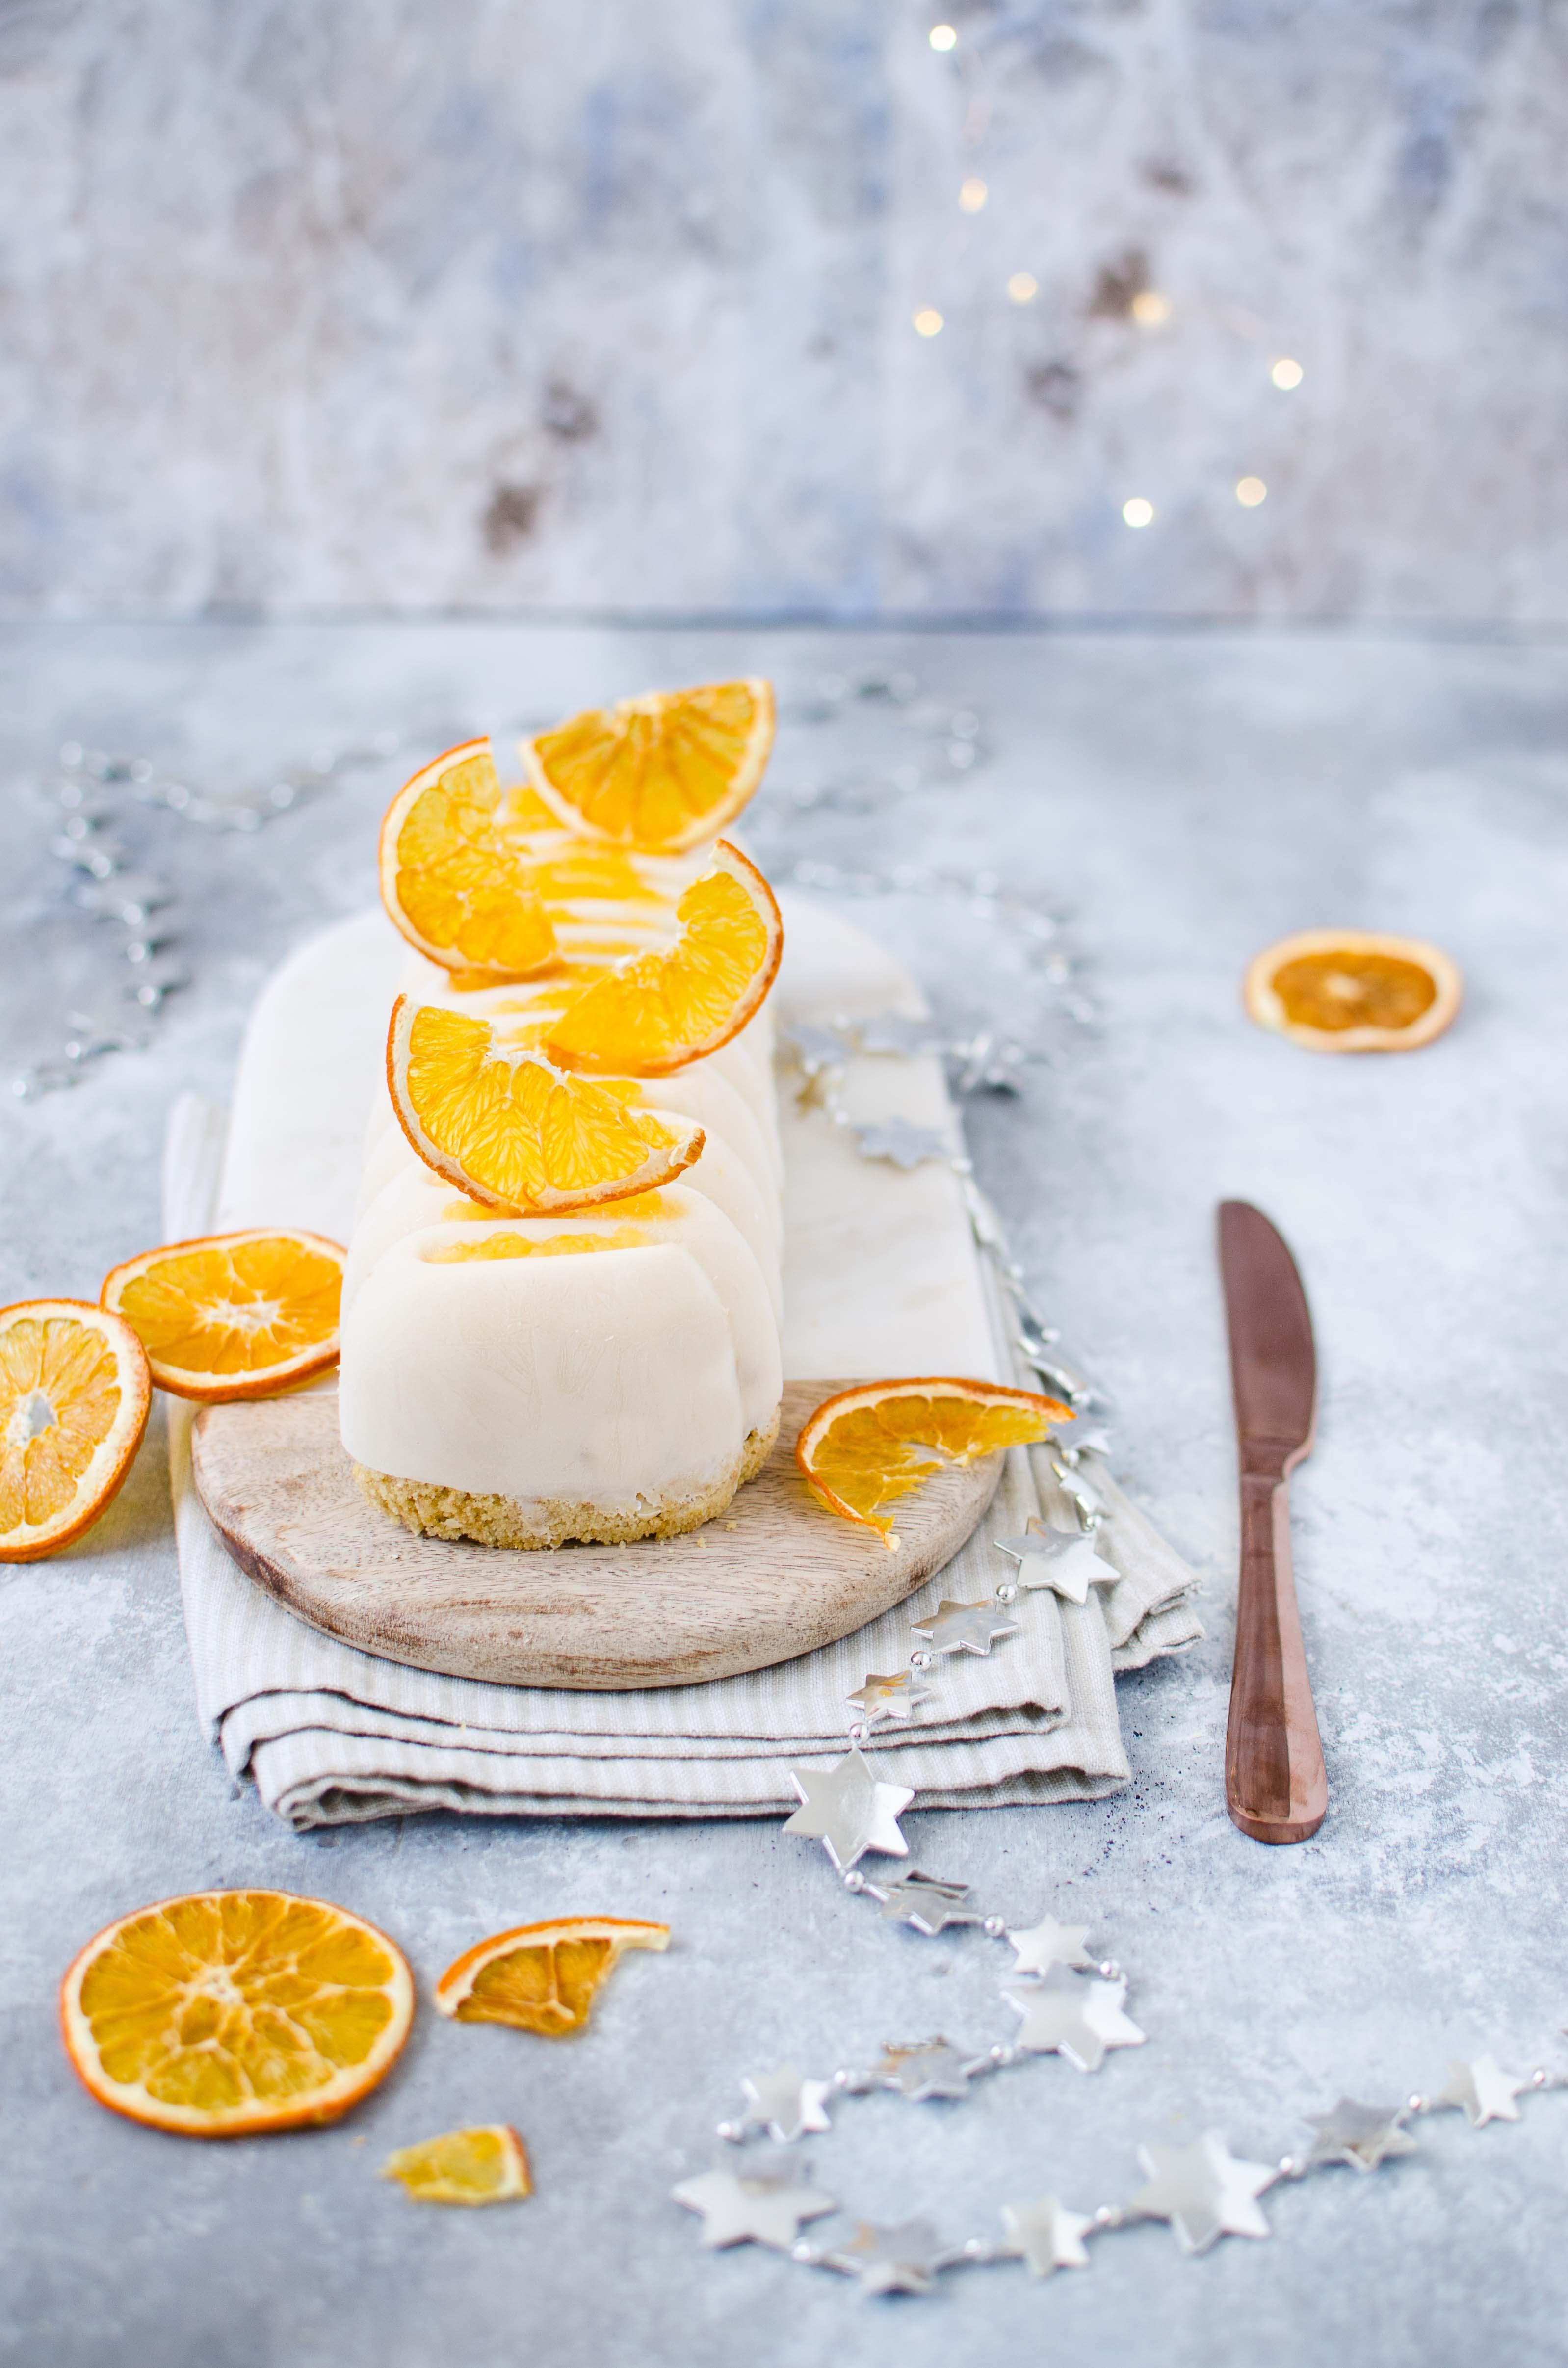 tronchetto-arancia Tronchetto di gelato alle mandorle con gelée all'arancia